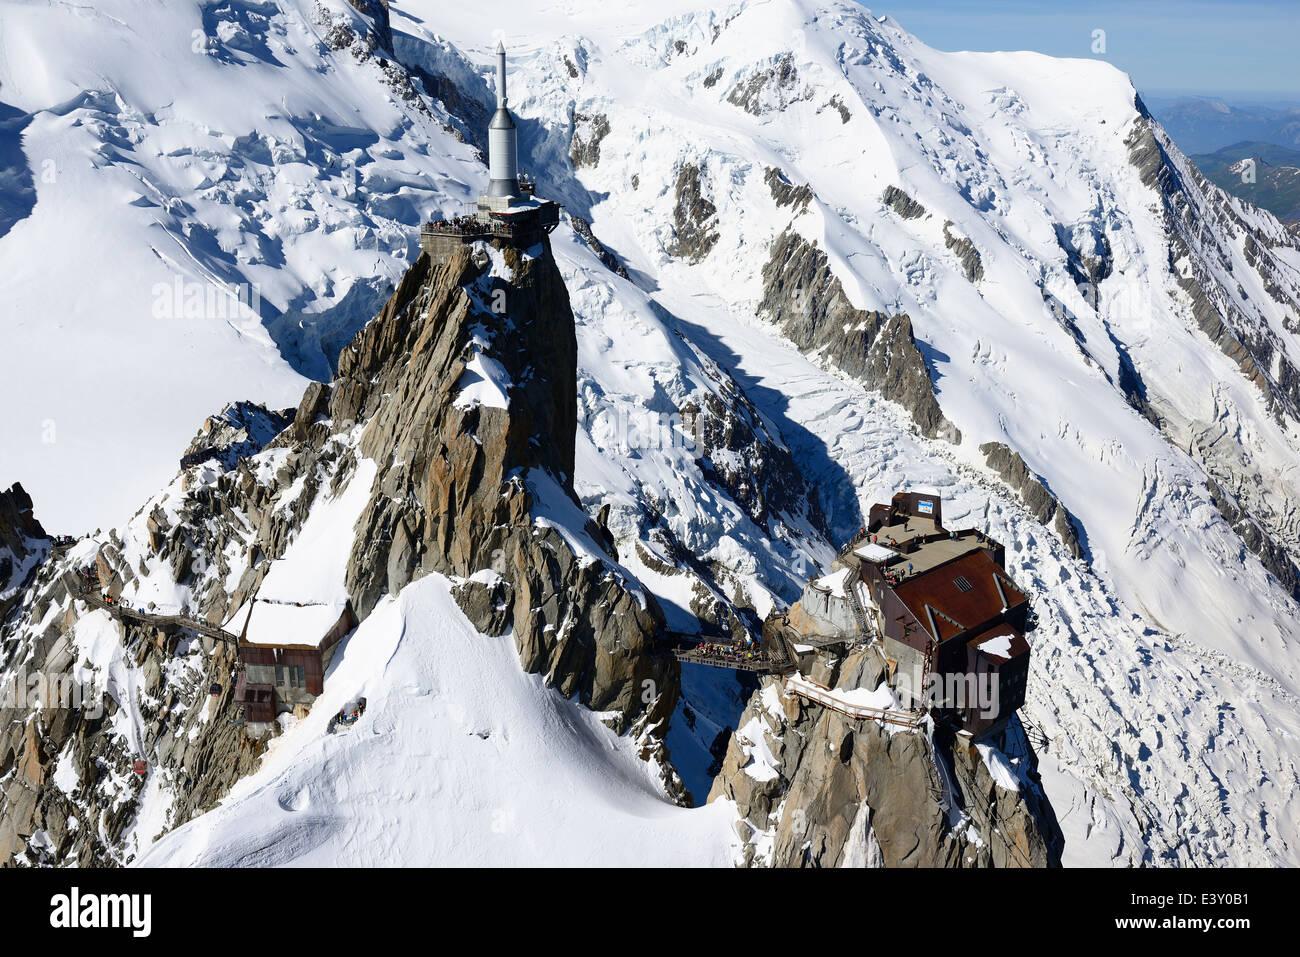 AIGUILLE DU MIDI (3842m amsl) (aerial view). Chamonix Mont-Blanc, Haute-Savoie, France. - Stock Image